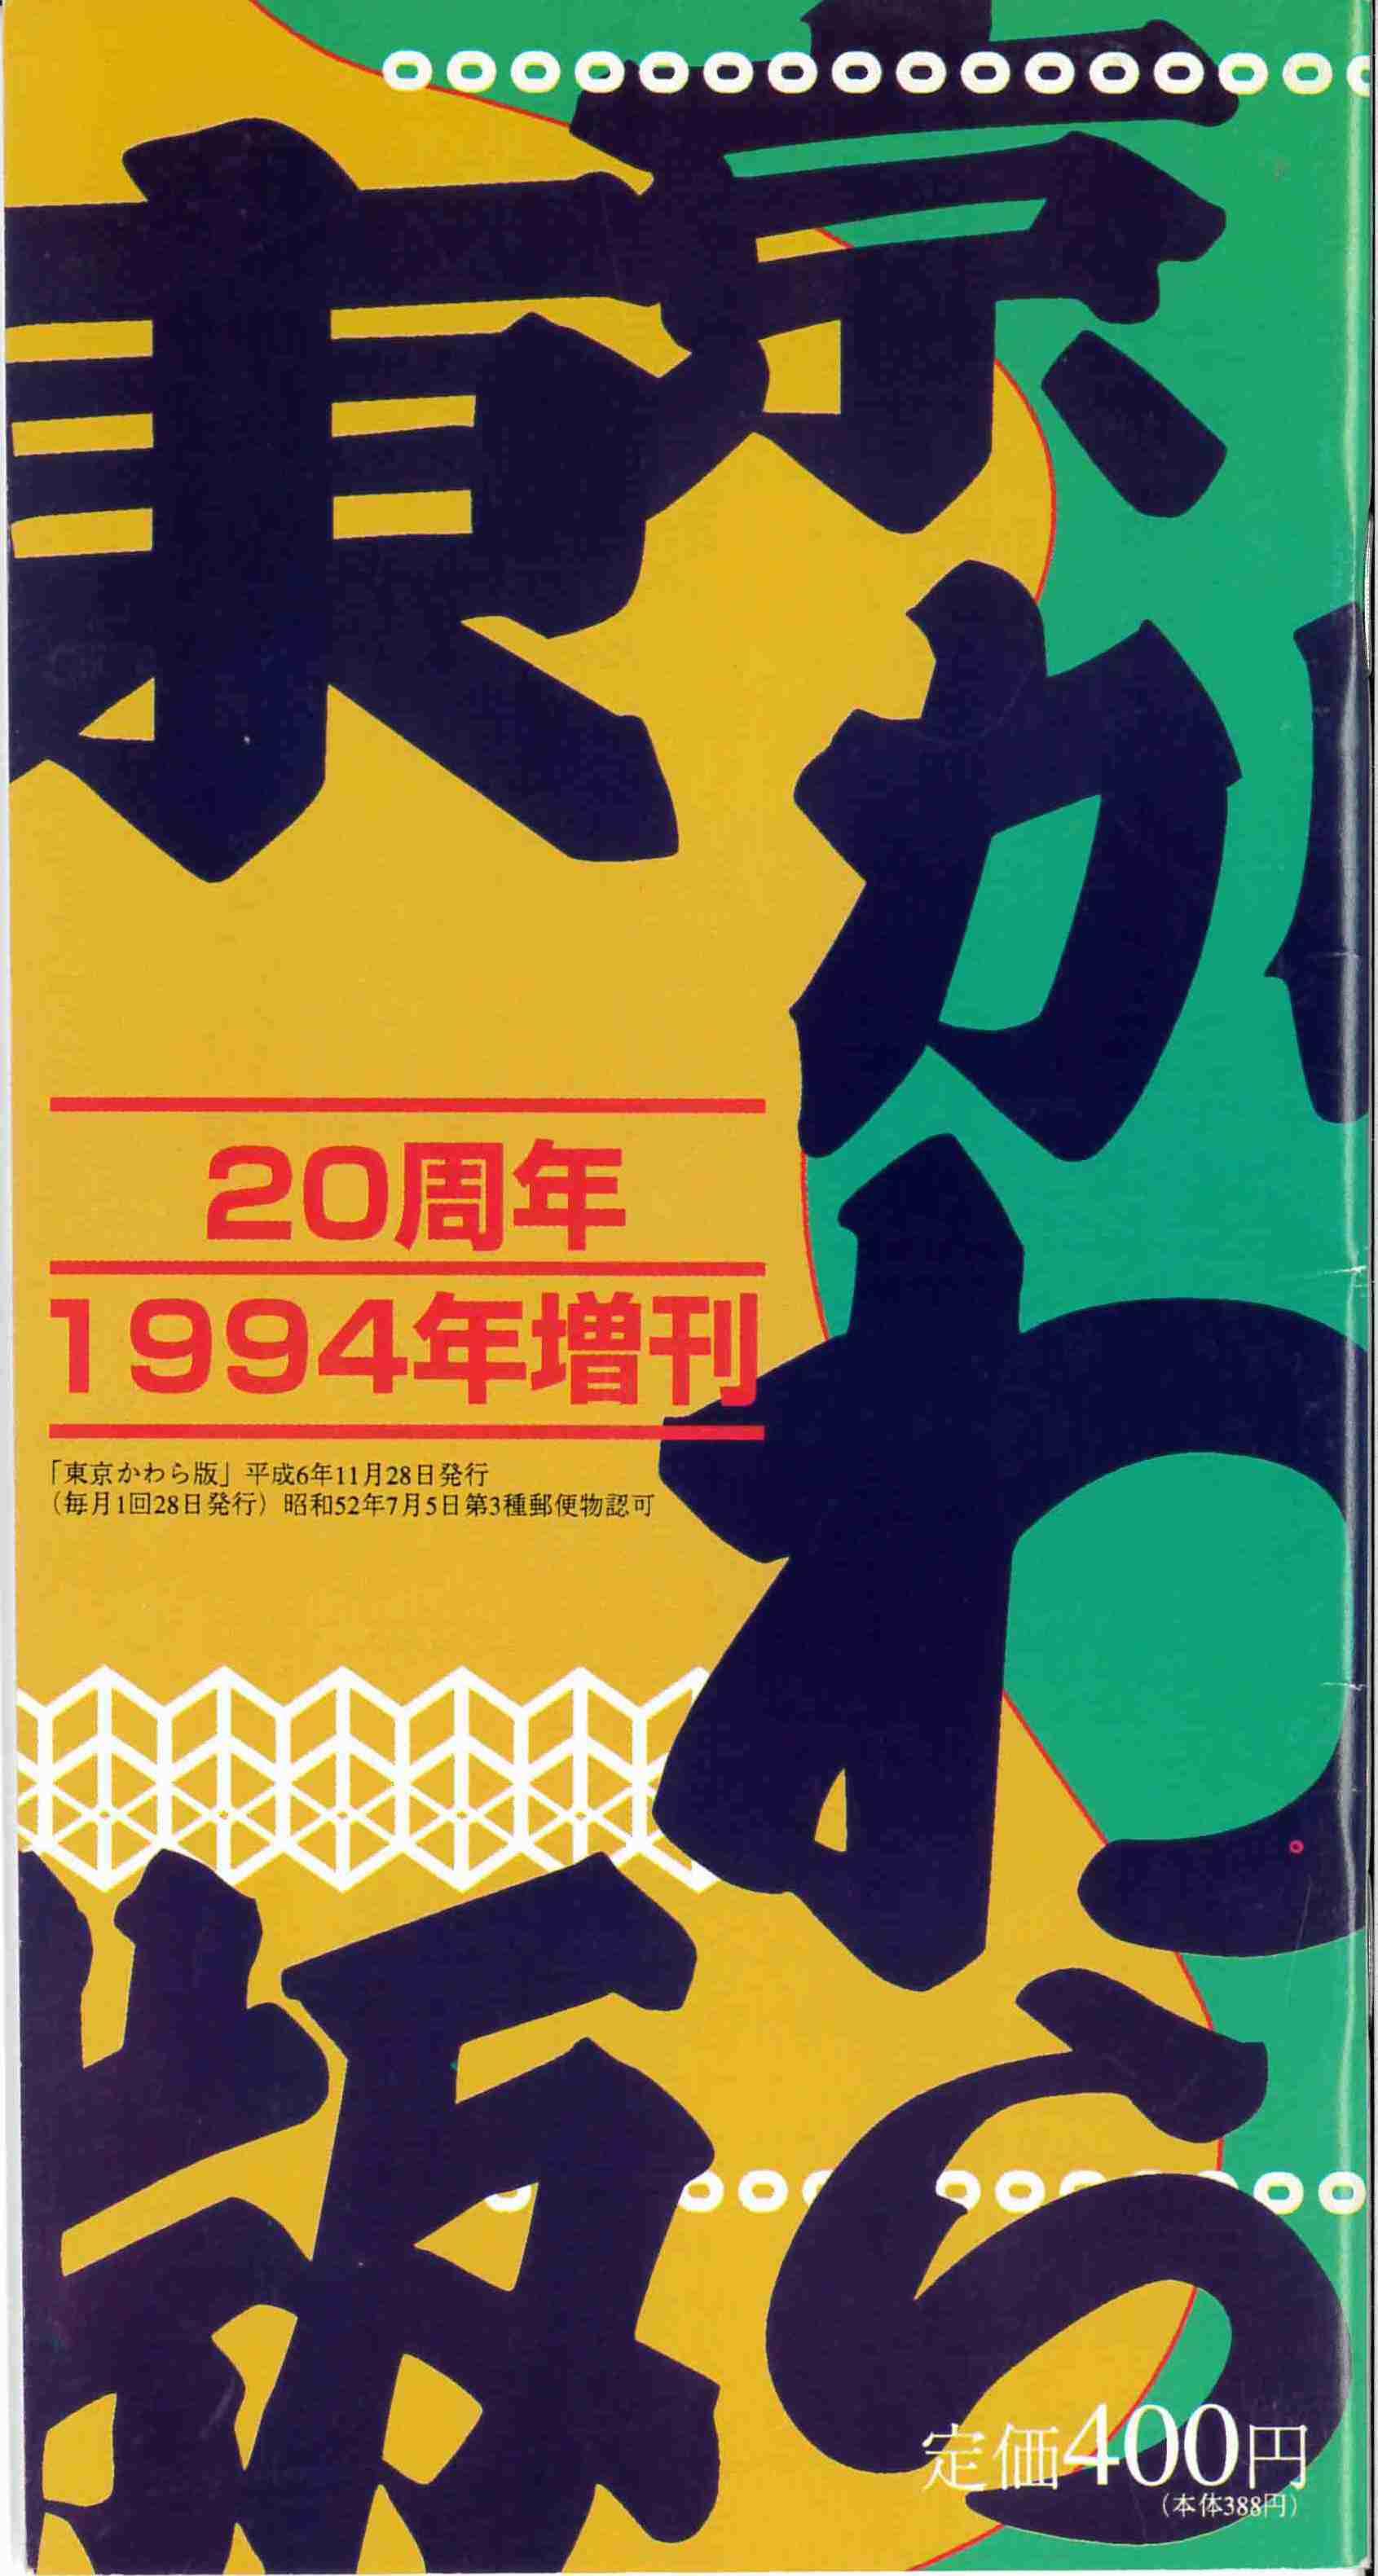 【完売御礼】別冊 東京かわら版20周年1994年増刊